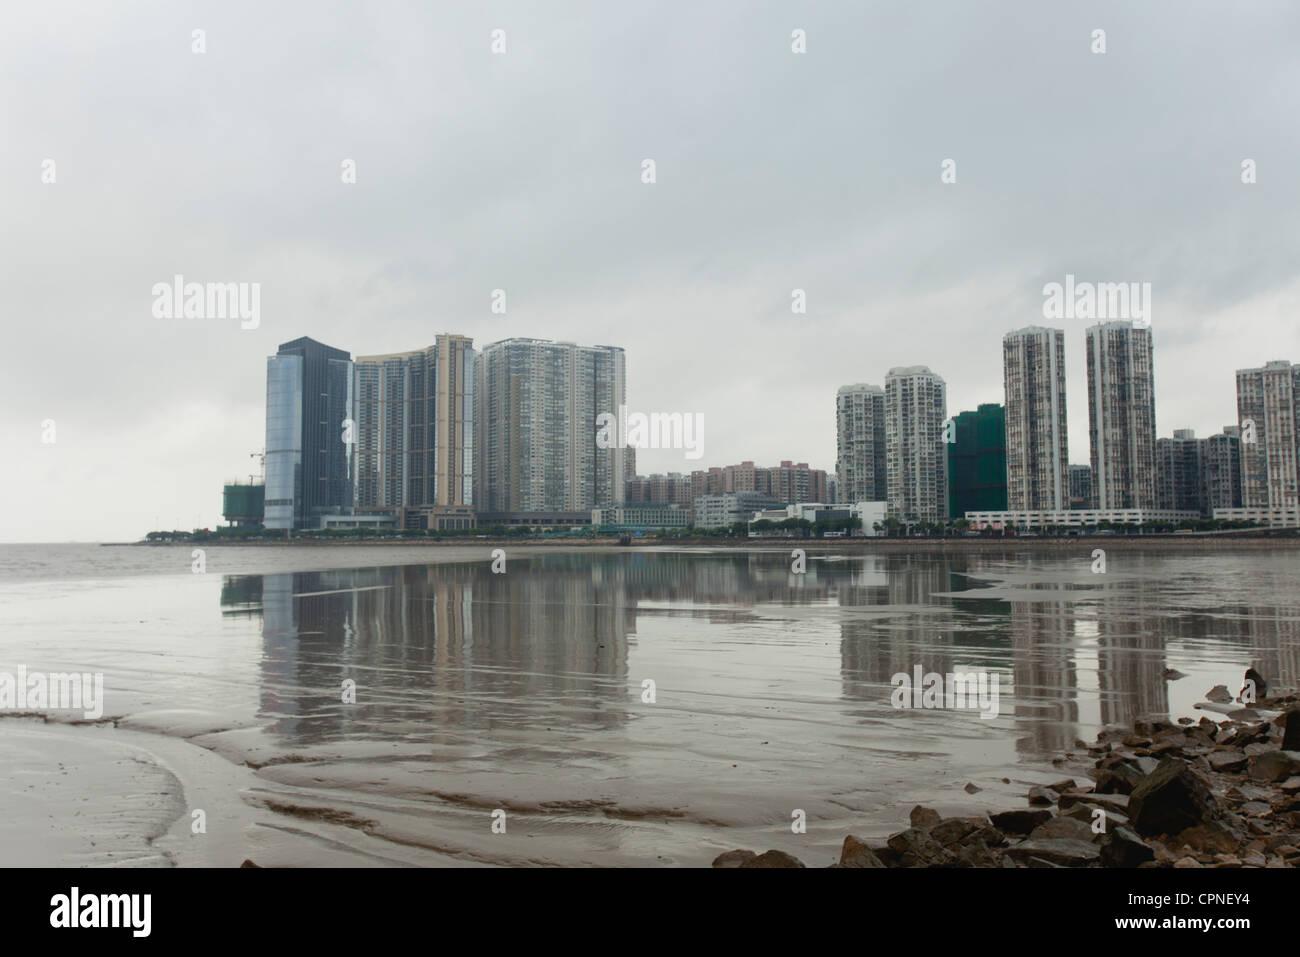 Developed coast, Shandong province, China - Stock Image